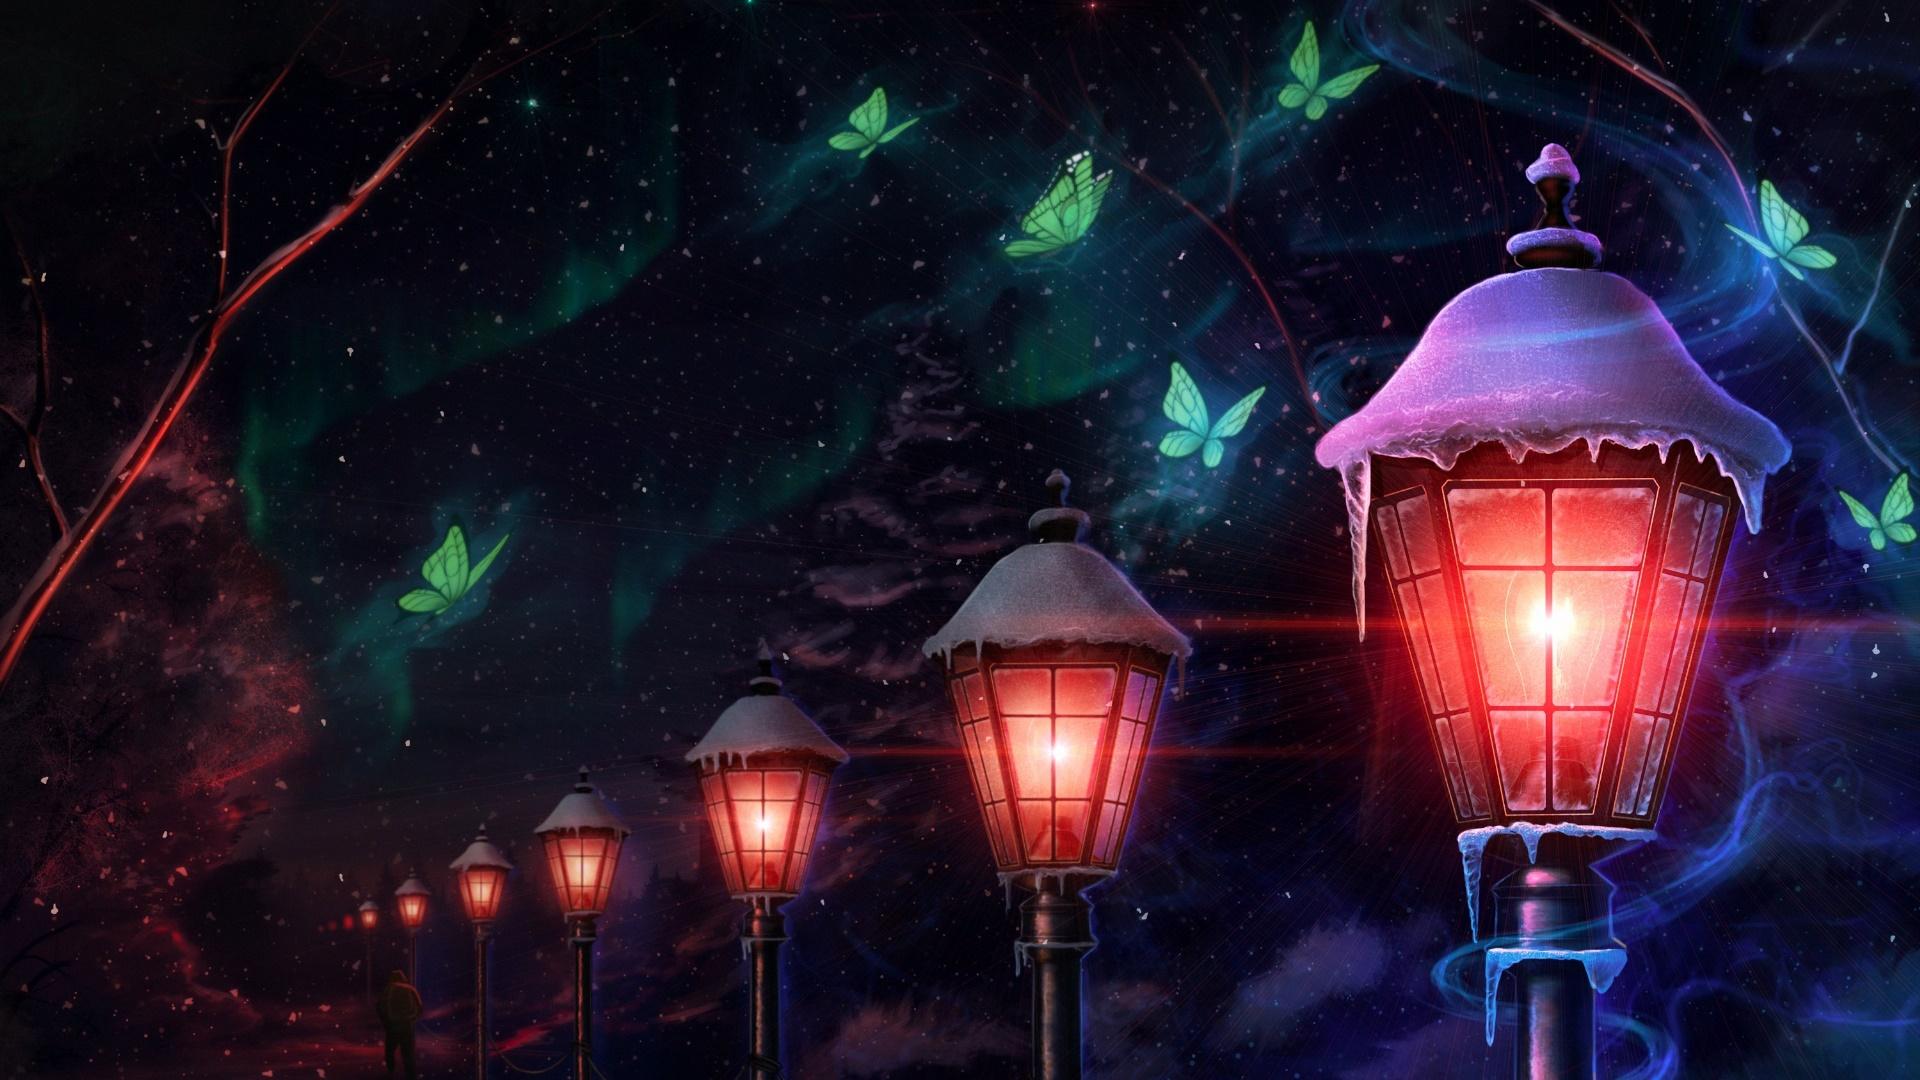 Lights at night wallpaper